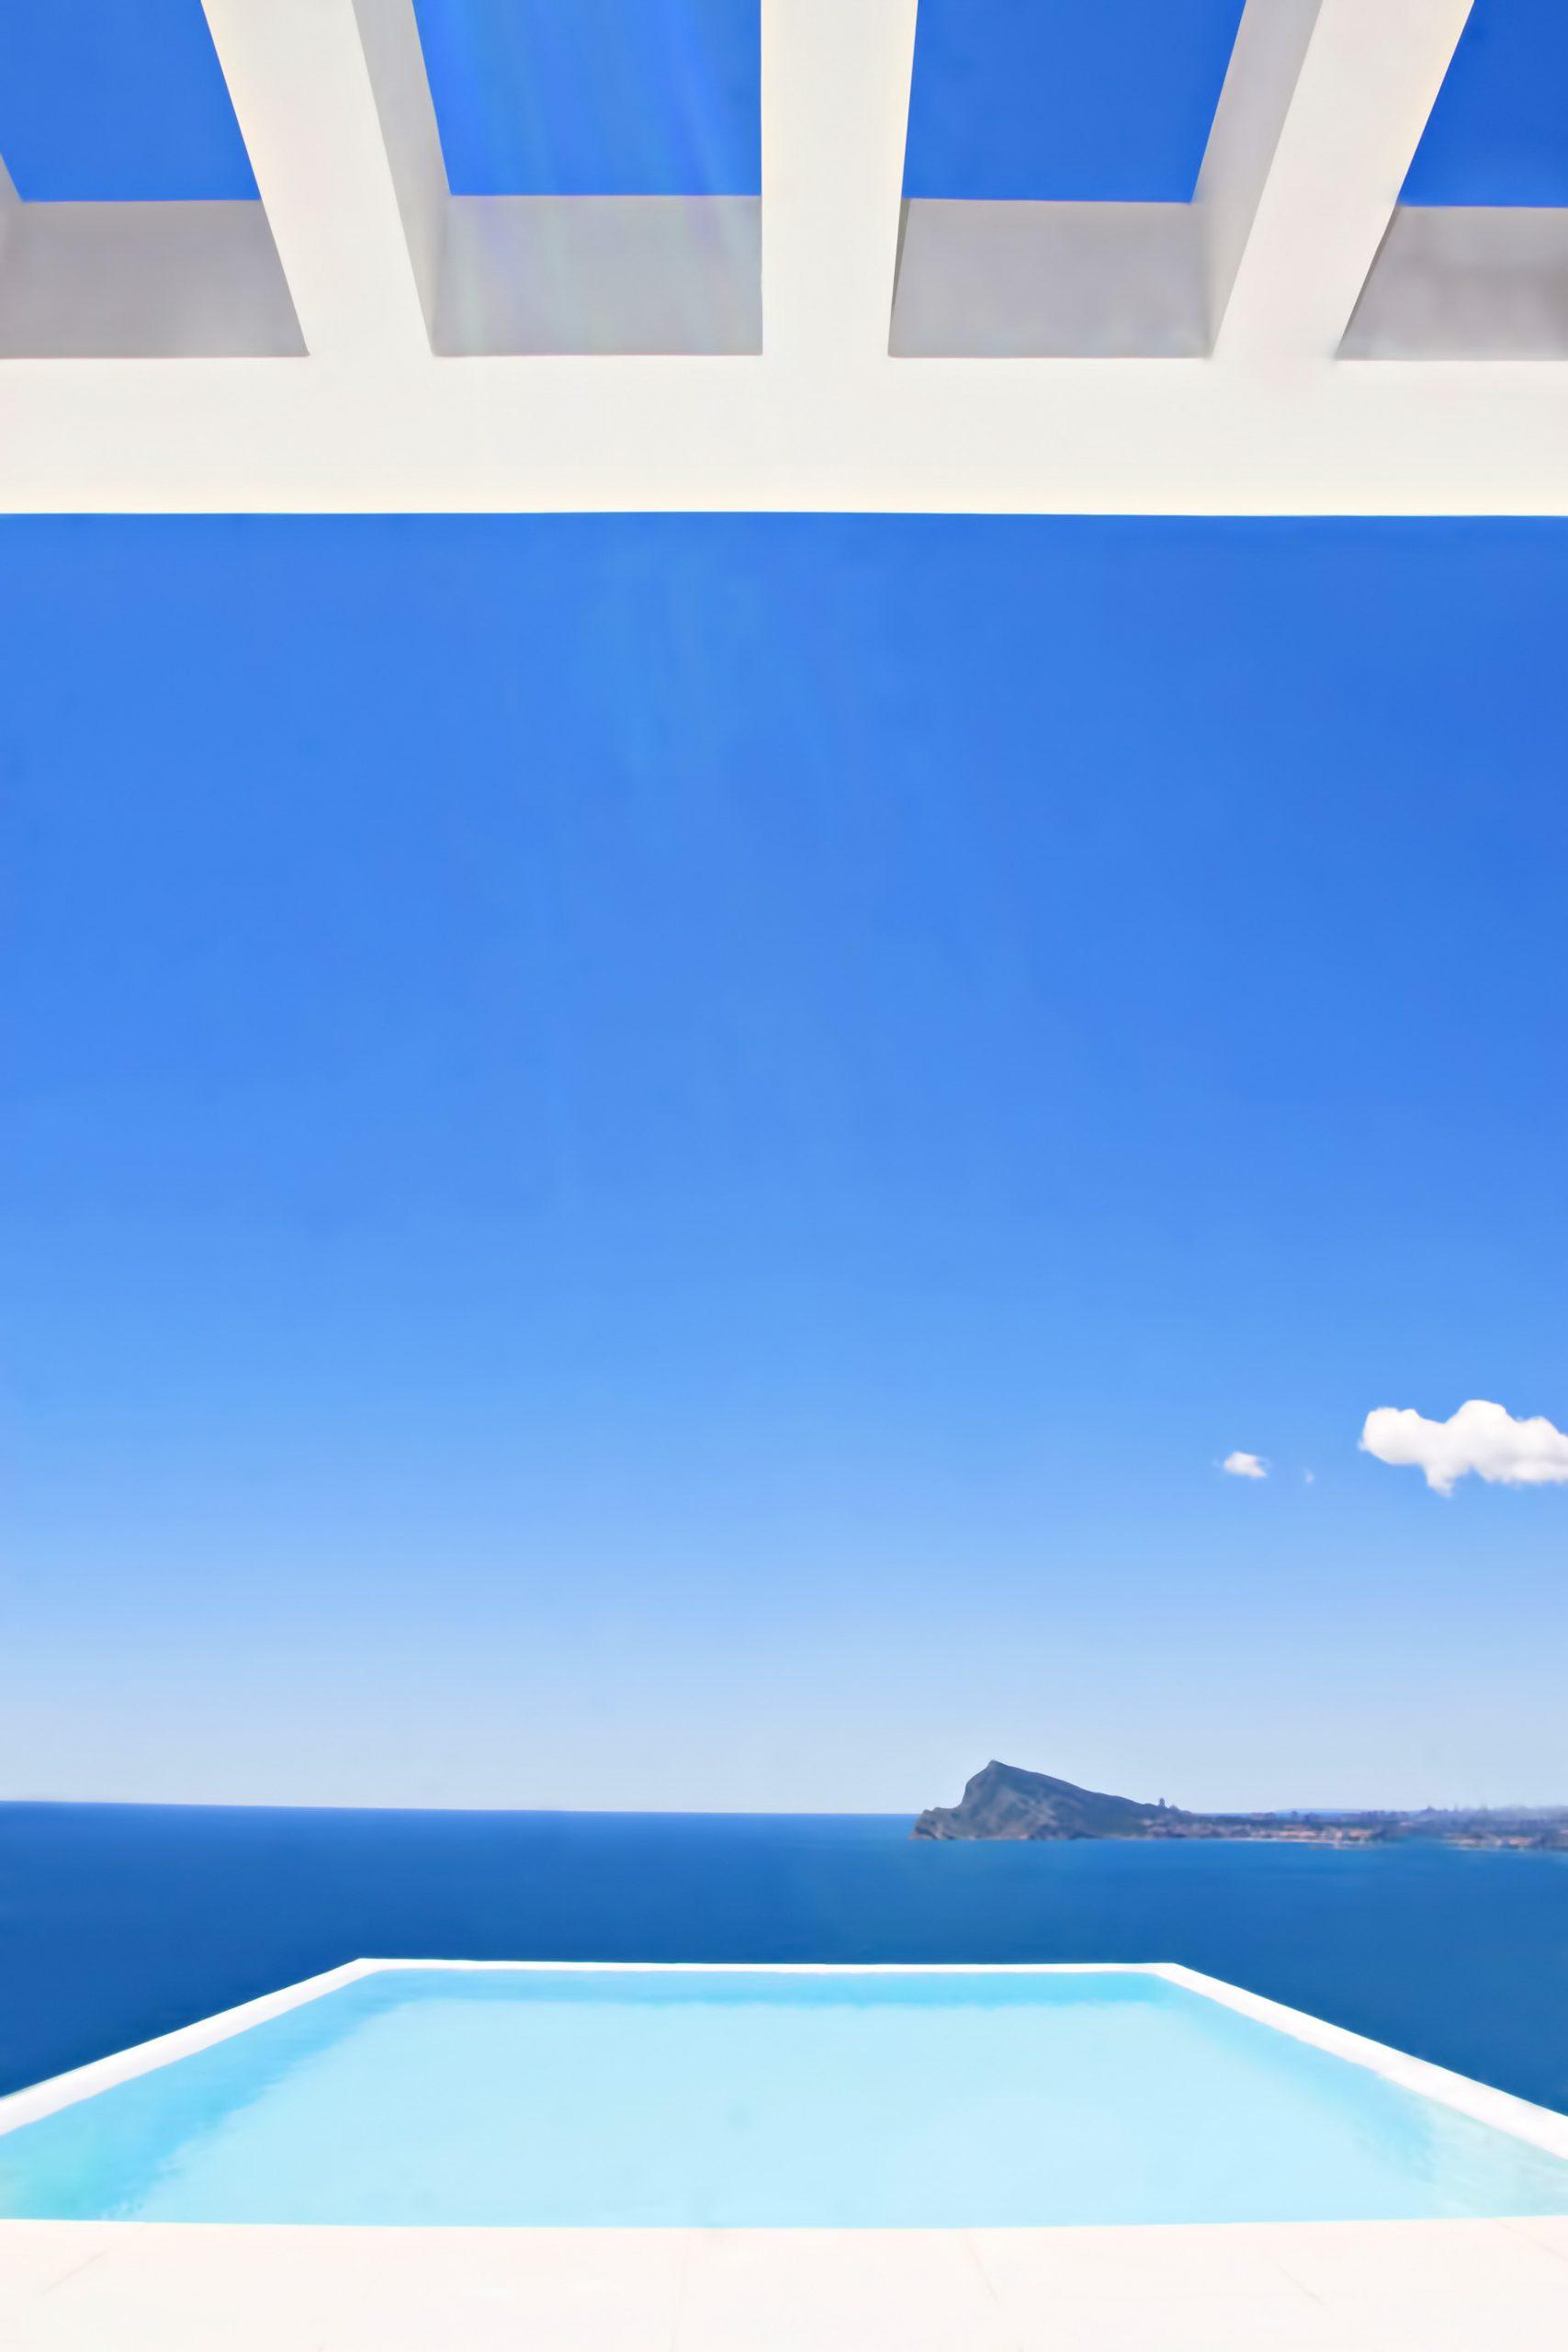 La Perla Del Mediterraneo Luxury Residence - Calp, Alicante, Spain